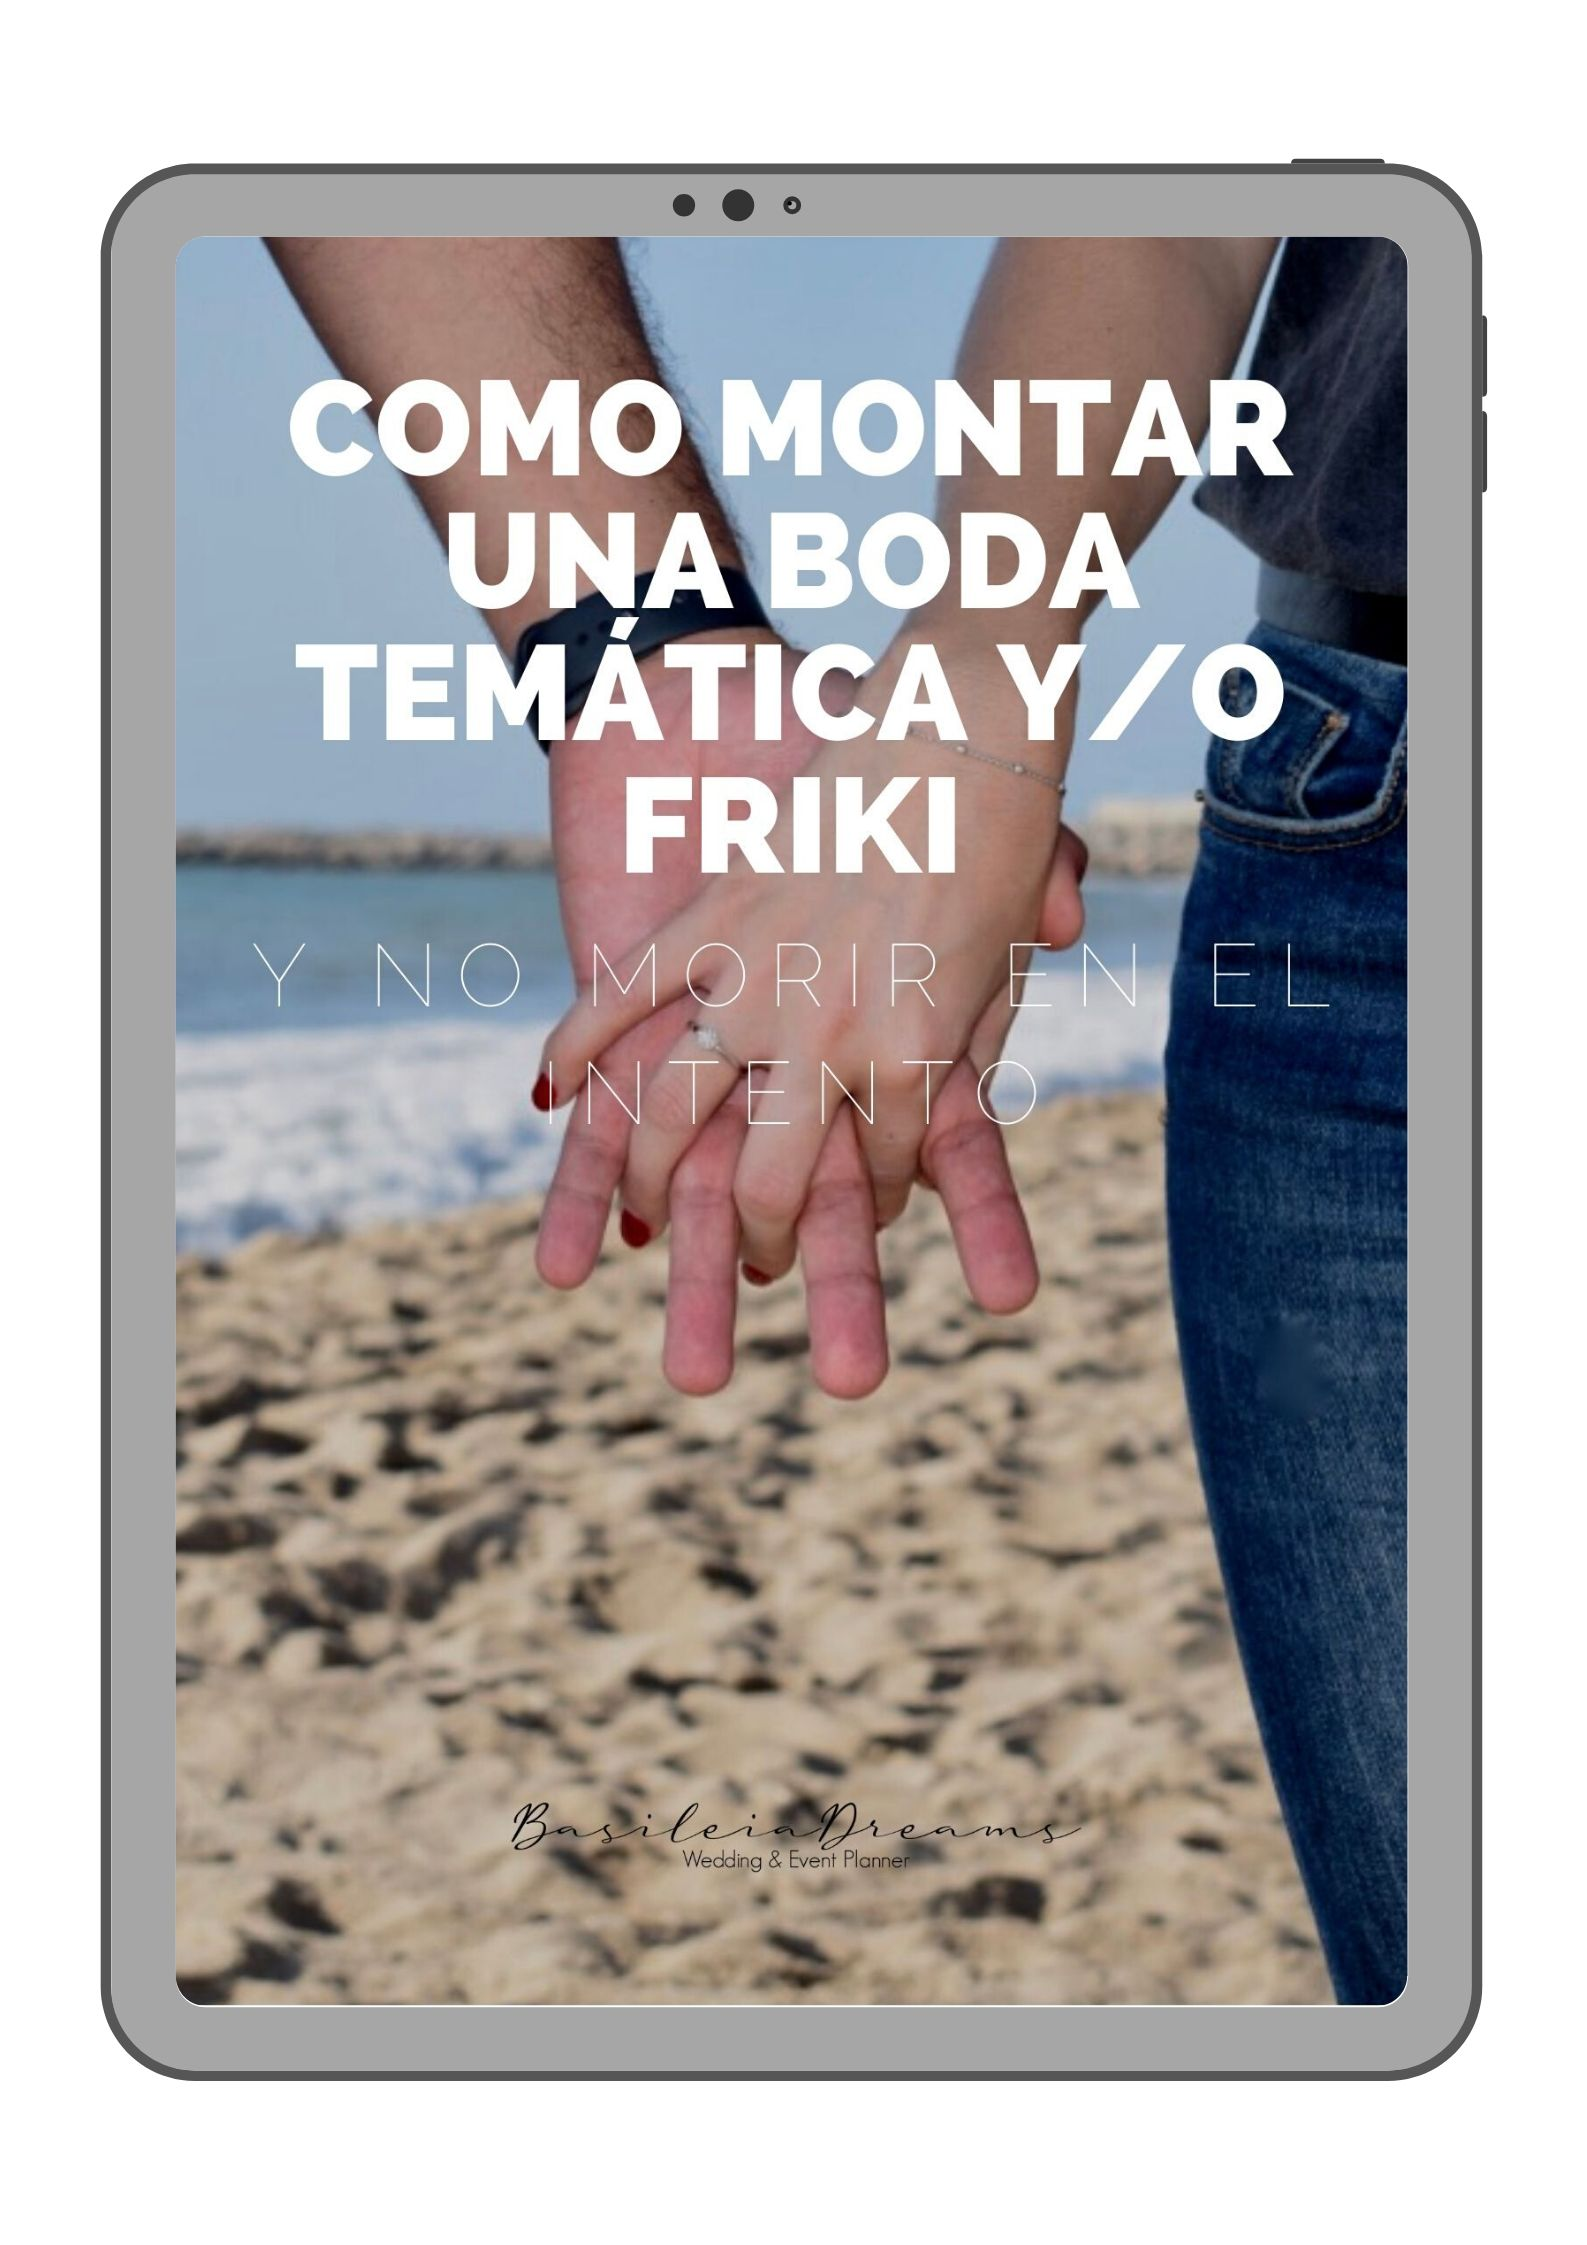 EBOOK GRATUITO PARA MONTAR UNA BODA TEMÁTICA Y/O FRIKI Y NO MORIR EN EL INTENTO